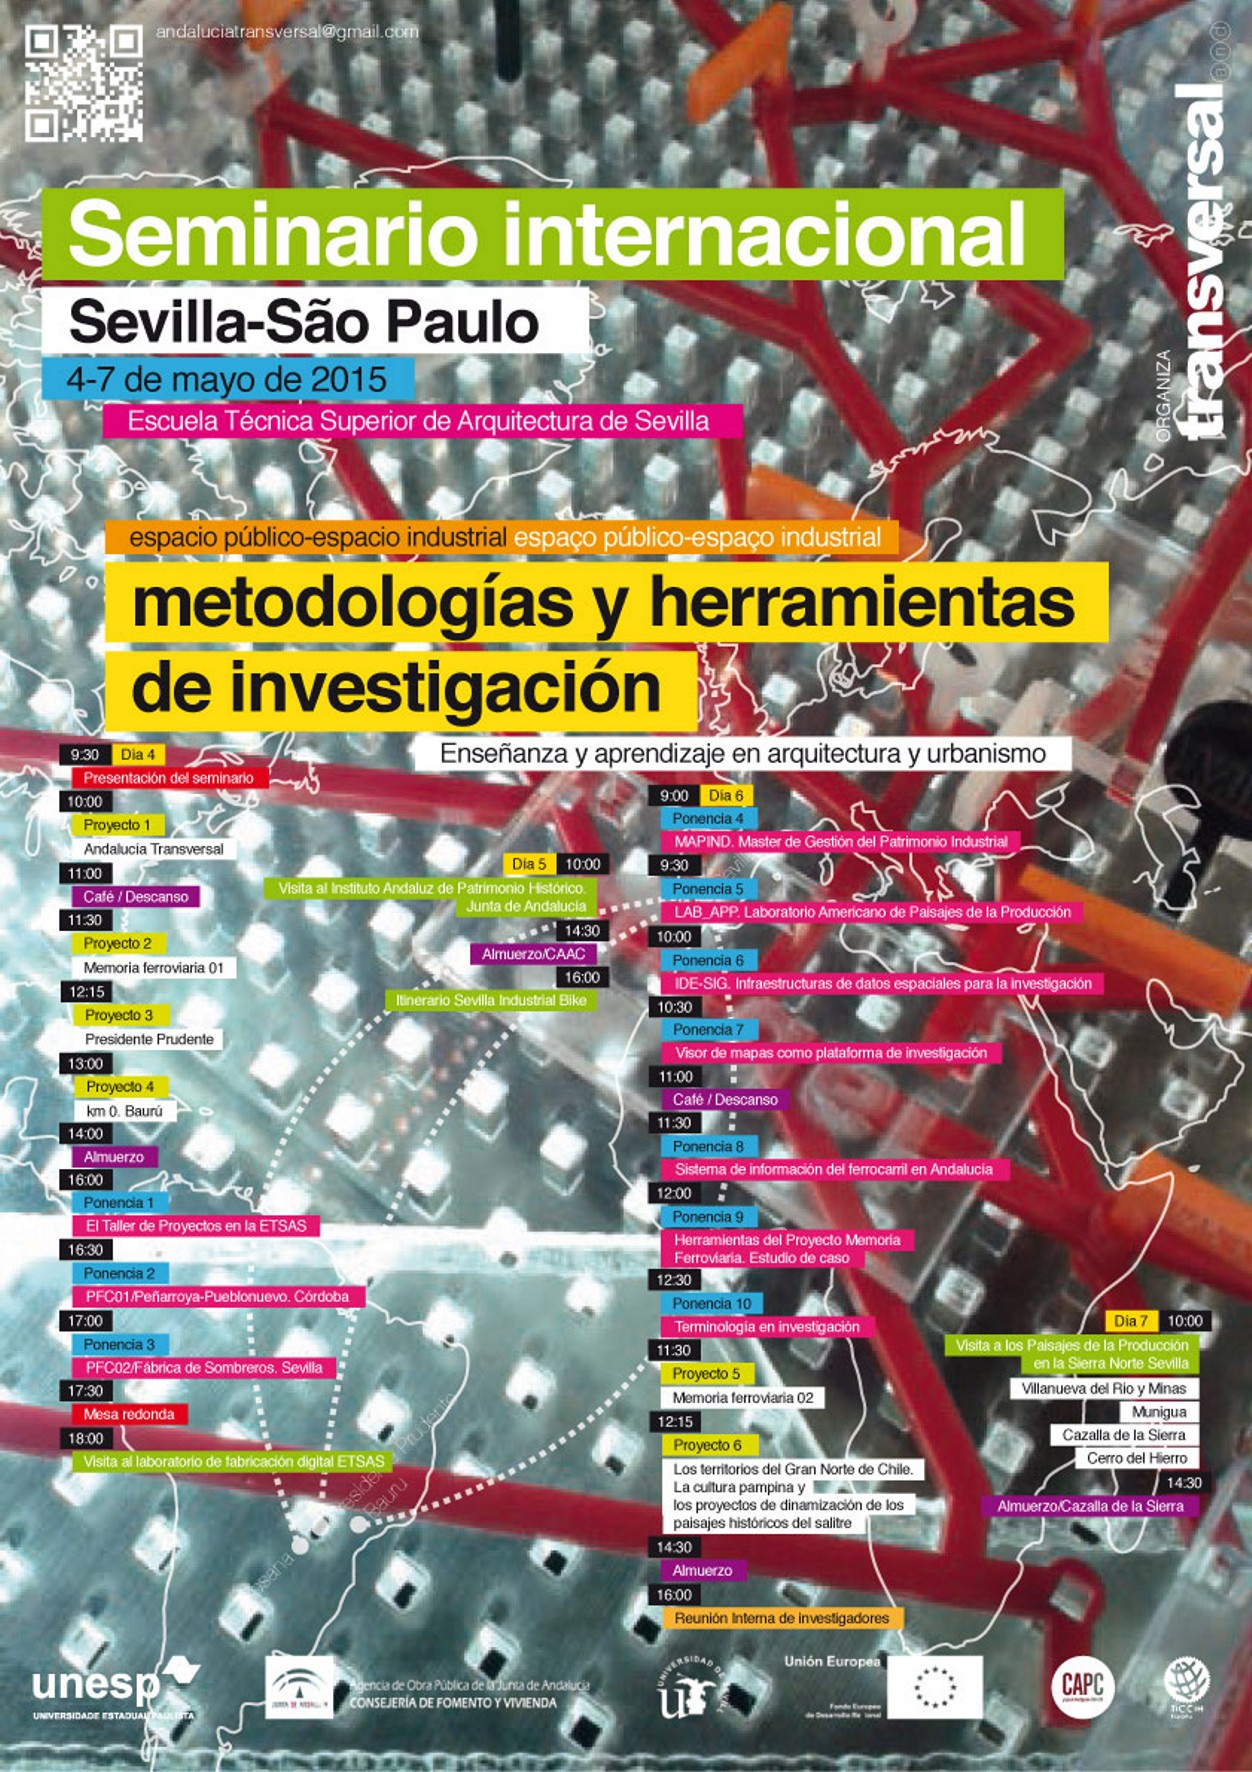 Cartel Seminario Internacional ESPACIO INDUSTRIAL